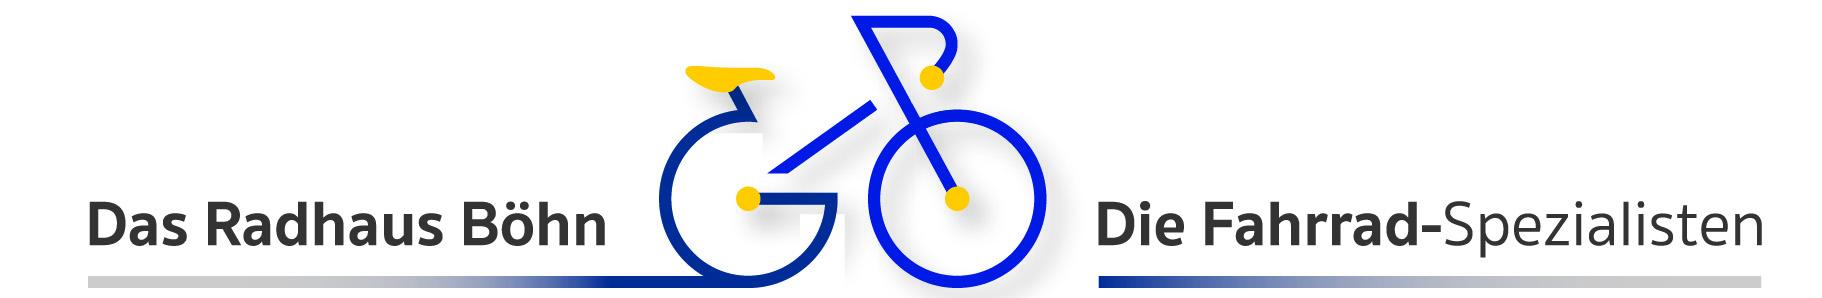 Fahrrad Böhn